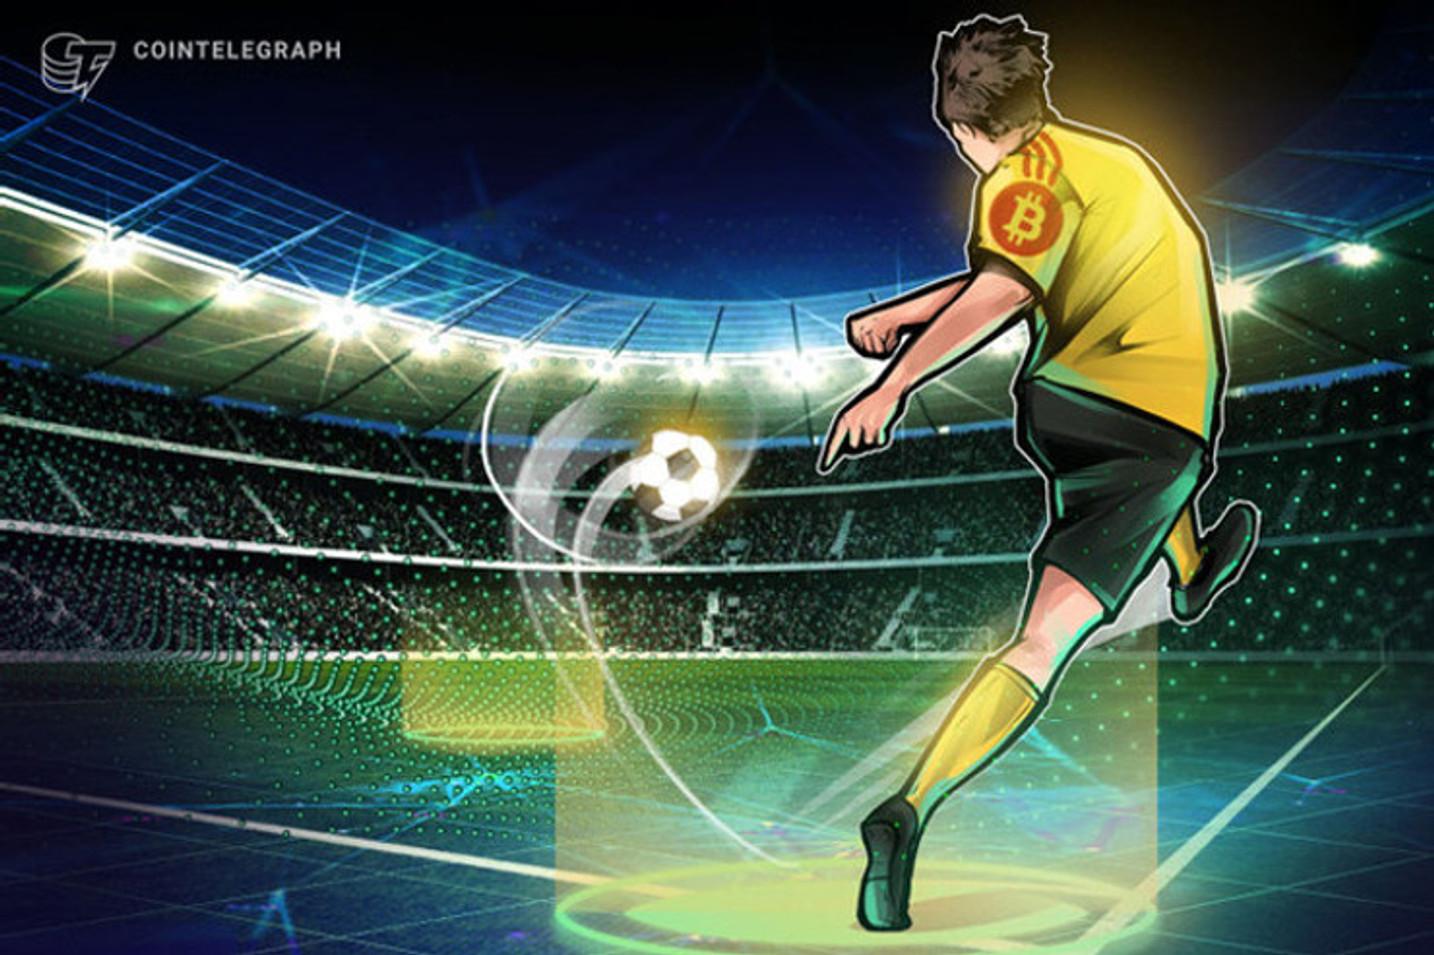 Club de fútbol español realiza el primer fichaje de un futbolista pagado con criptomonedas